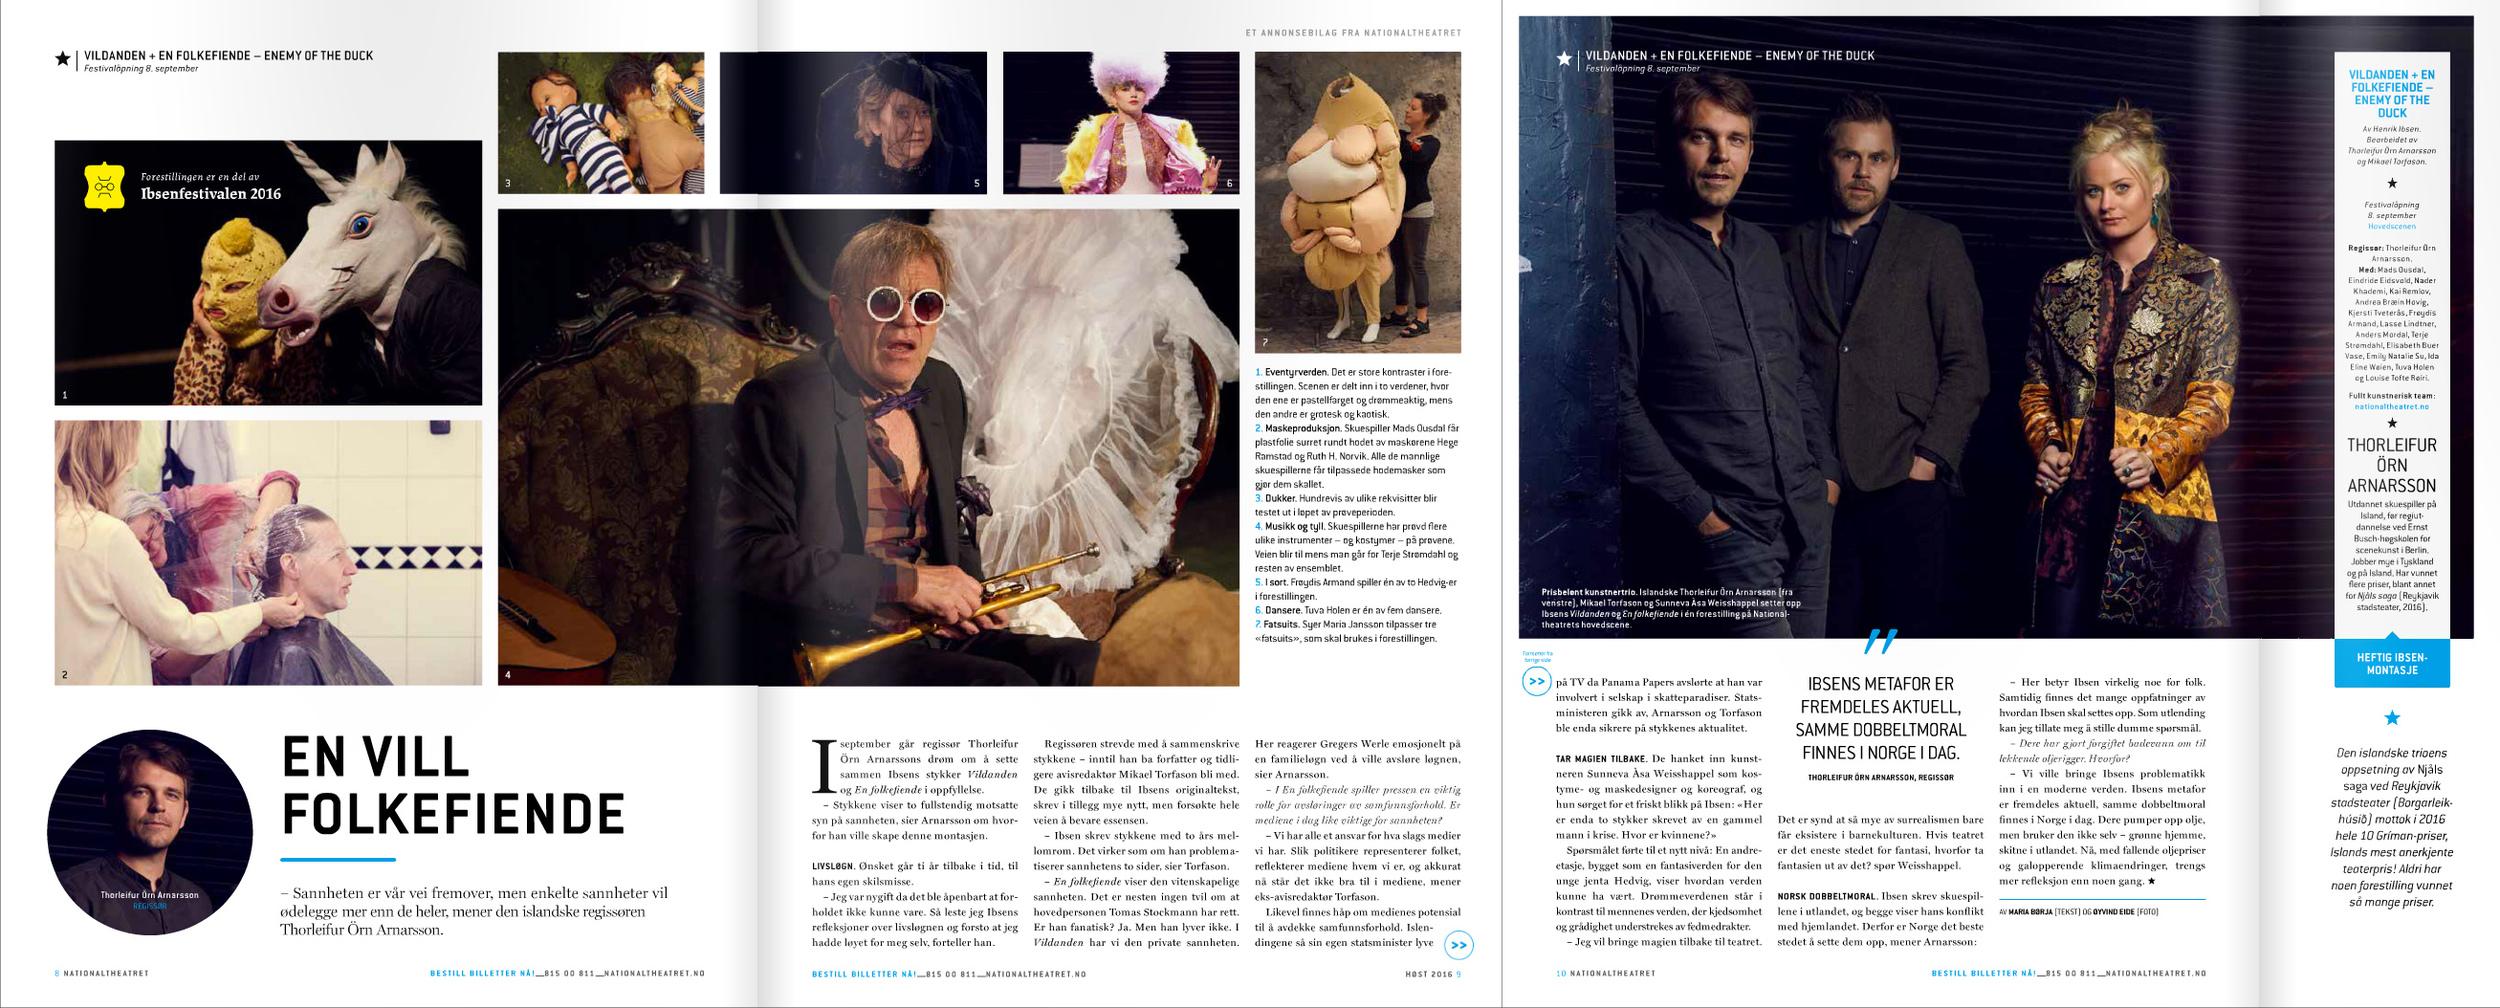 Intervju med Thorleifur Örn Arnarsson, Mikael Torfason og Sunneva Àsa Weisshappel i National magasin, høsten 2016.